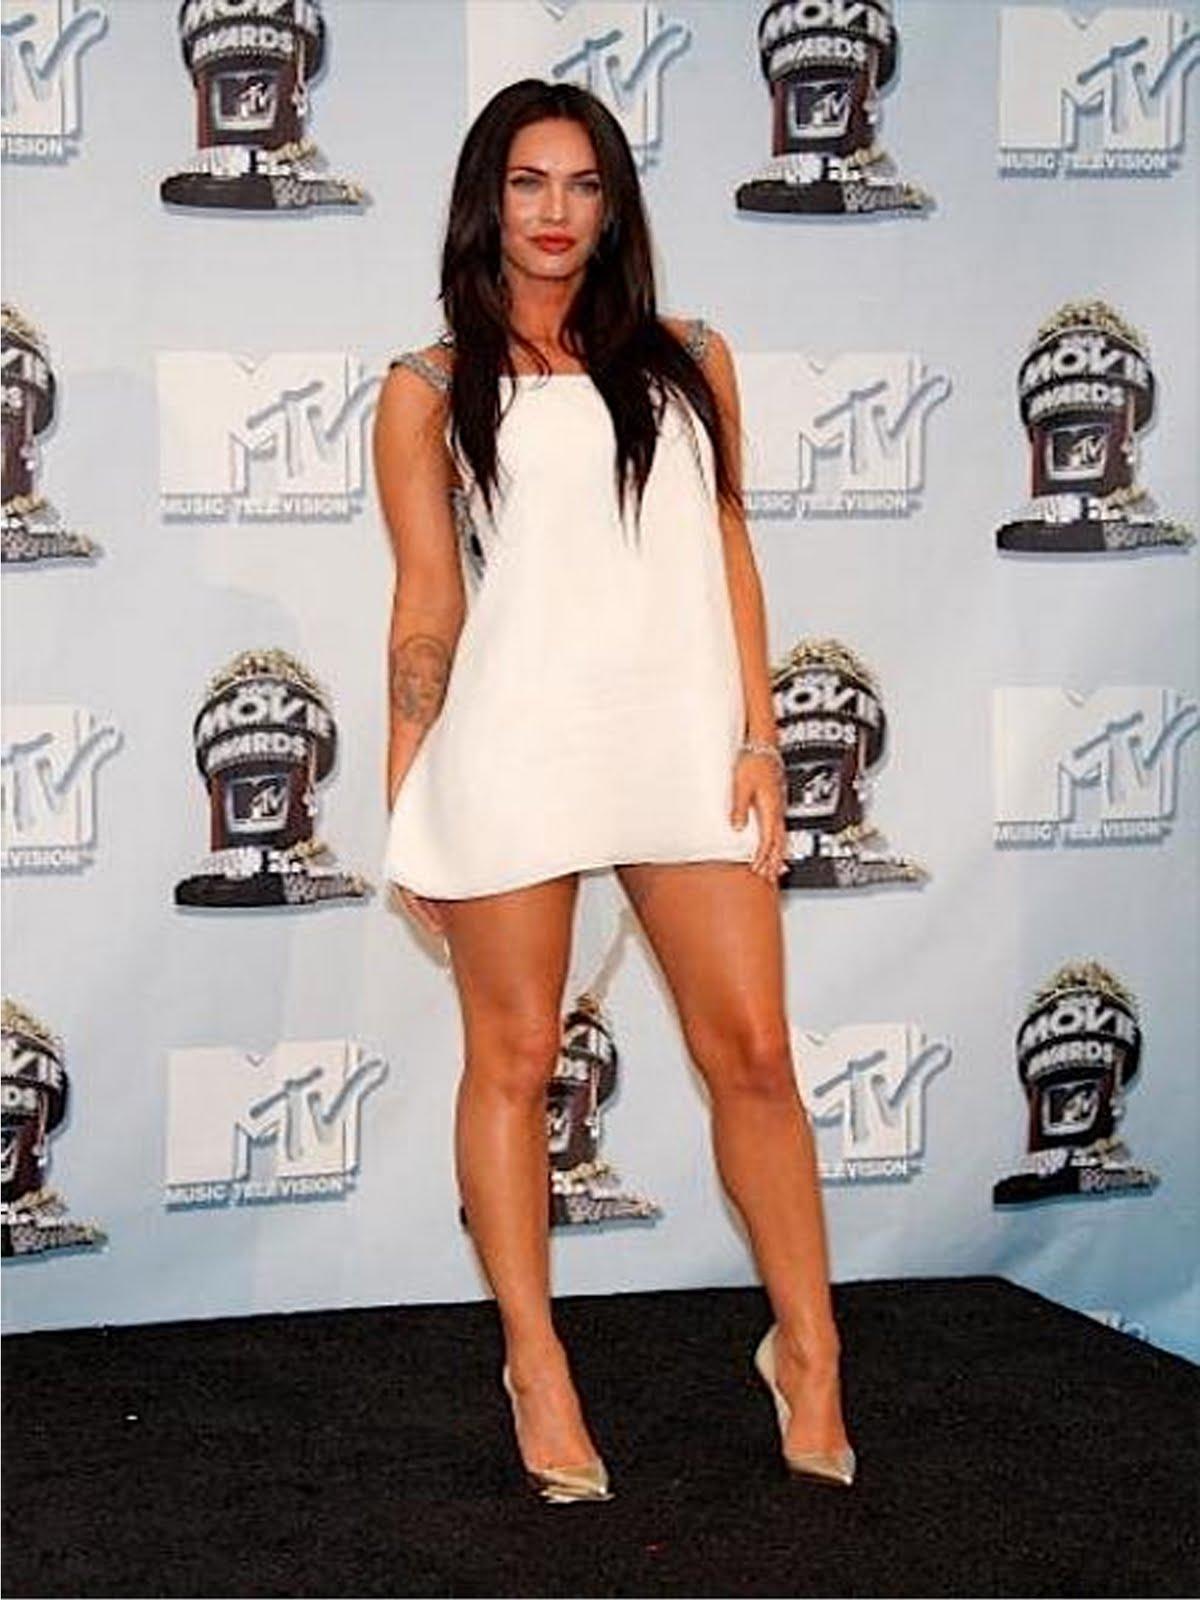 http://4.bp.blogspot.com/_HuxIOCoOmxw/Sw1qNXorqvI/AAAAAAAAACo/eT0OD2ywLEY/s1600/Megan+Fox.jpg